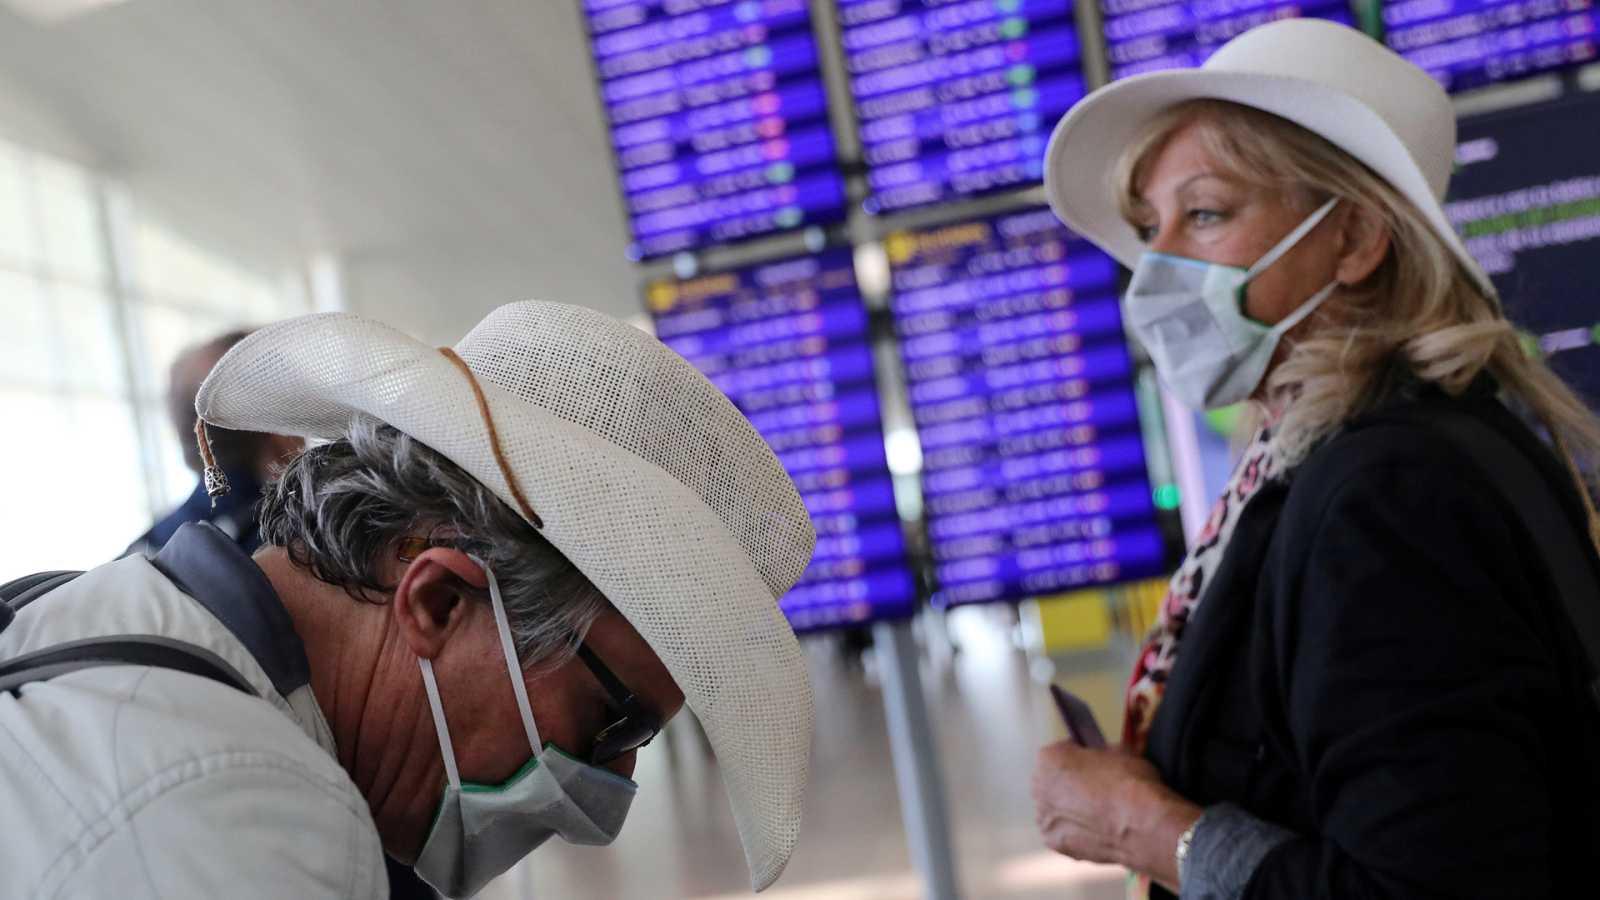 Preguntas frecuentes sobre el coronavirus: ¿Cómo se contagia? ¿Cómo distinguirlo de un resfriado?